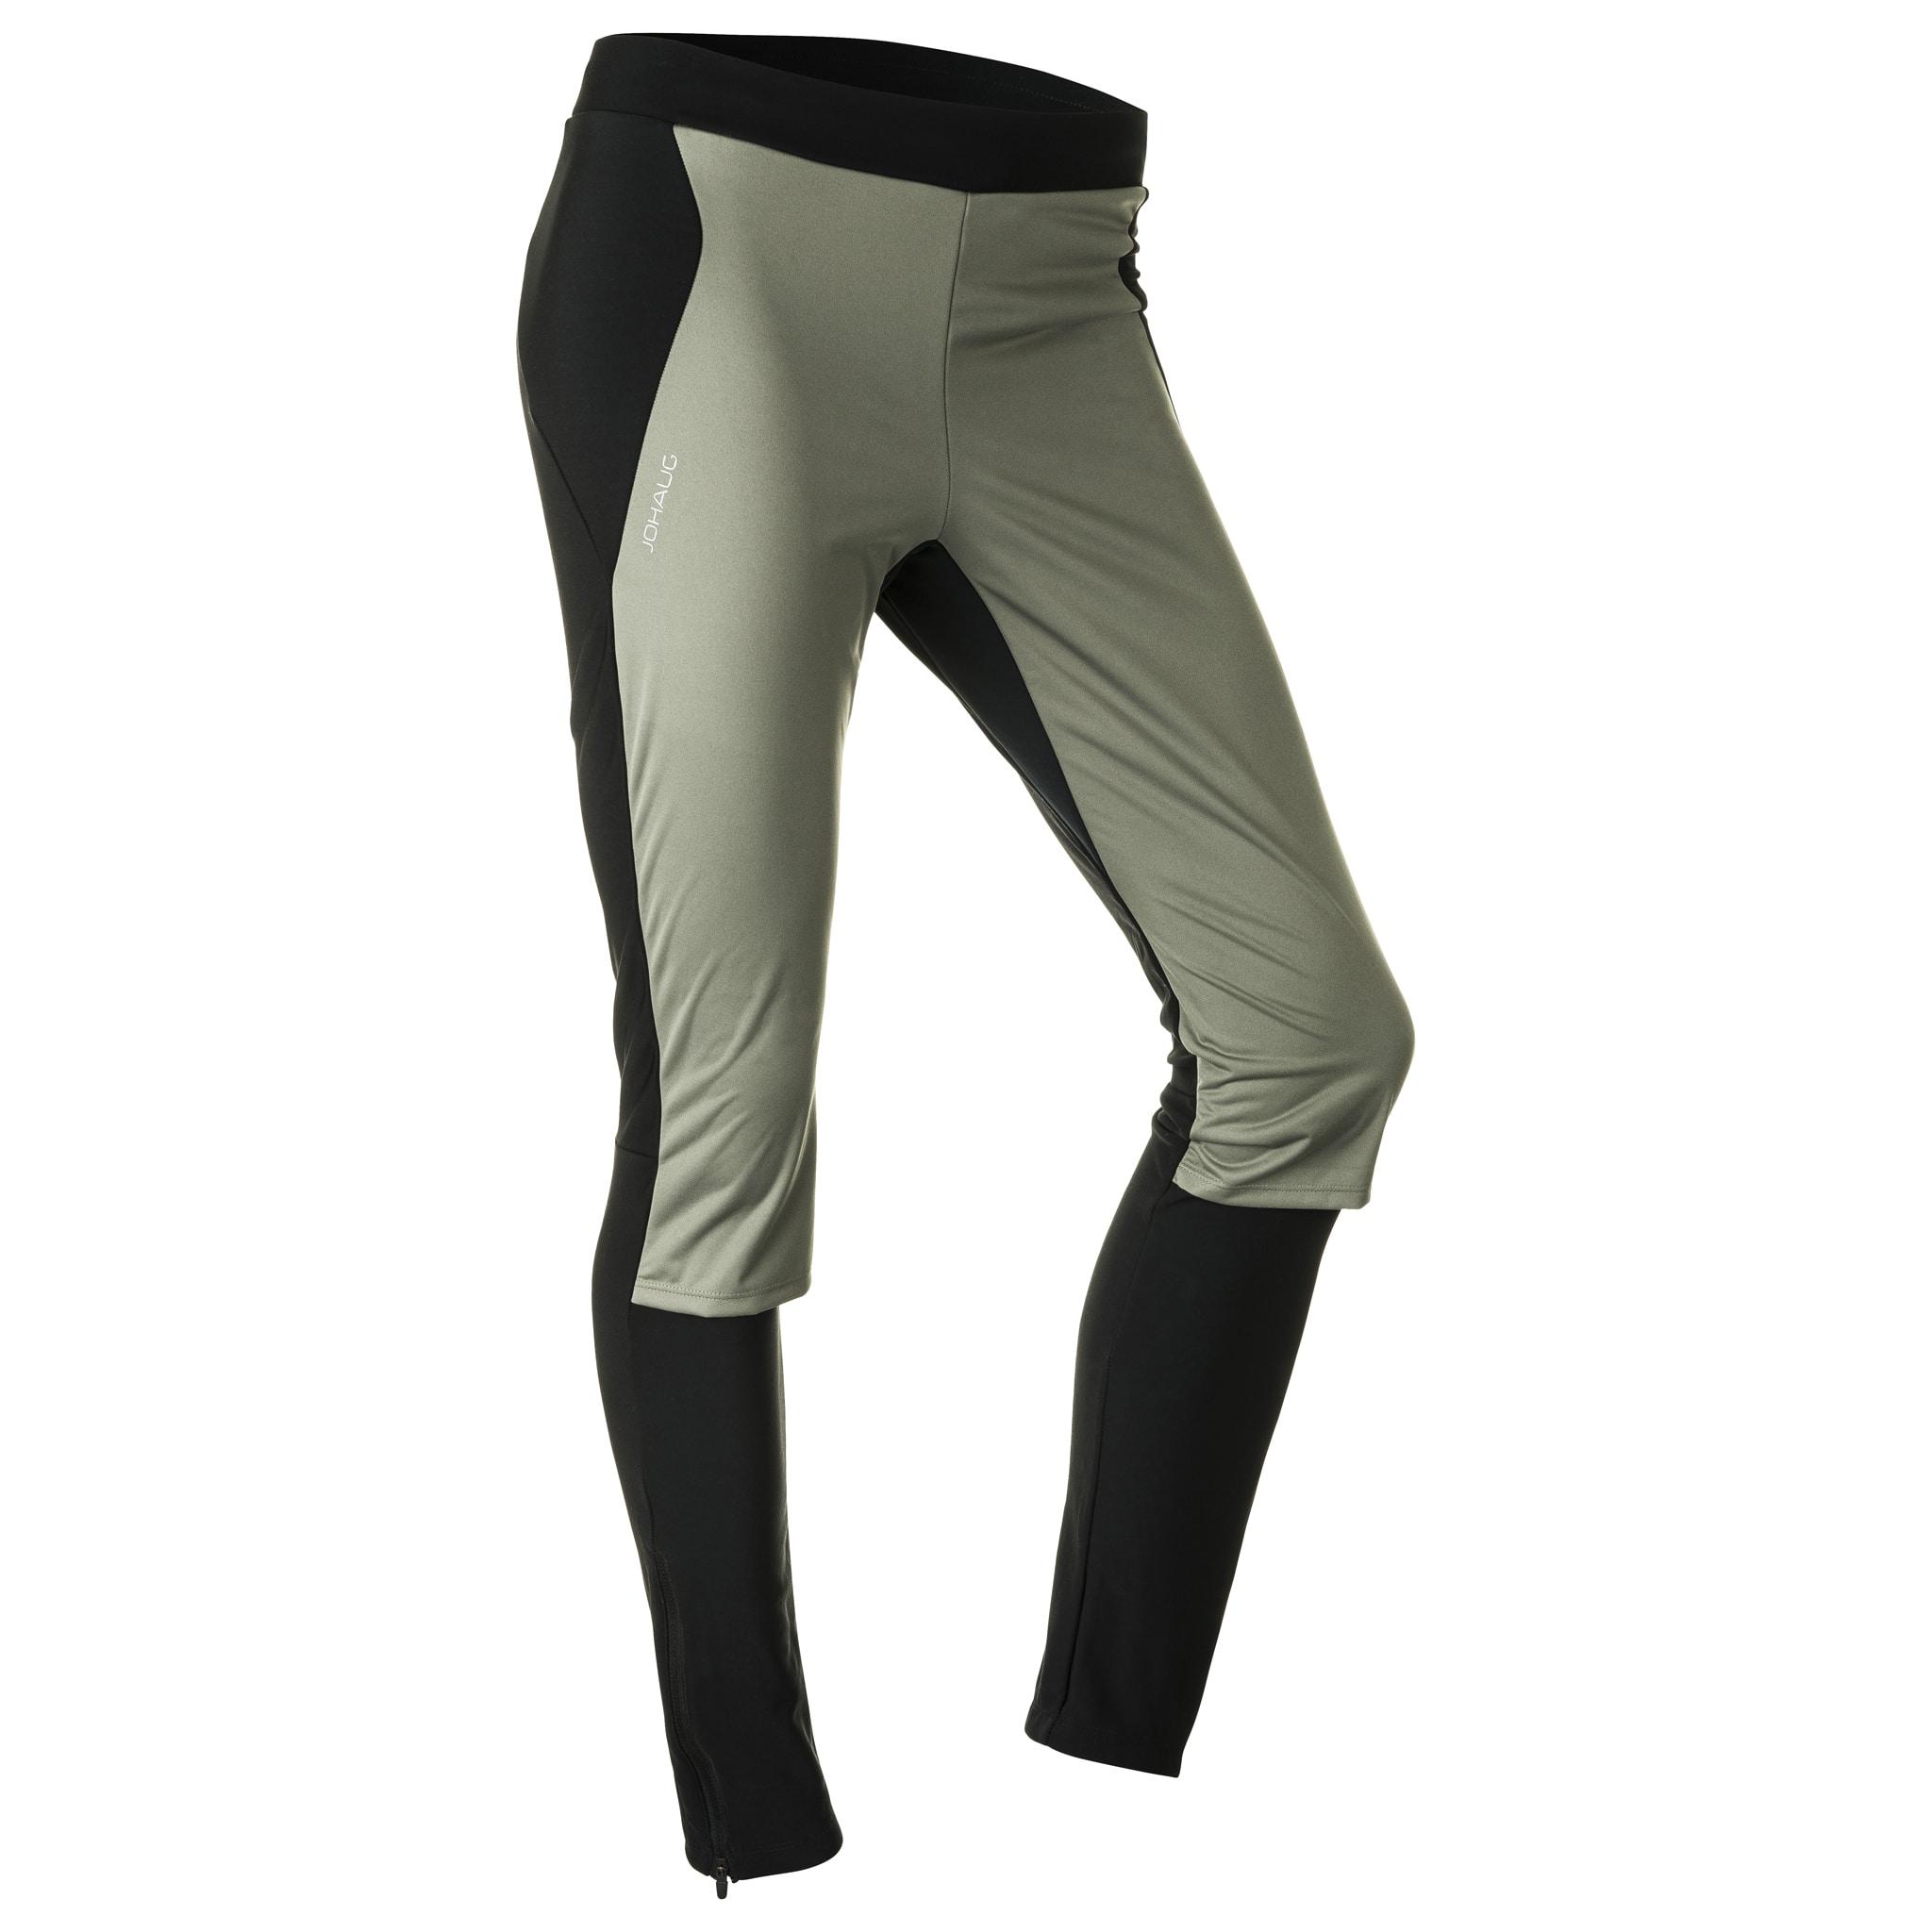 Lette og tekniske bukser for ski eller andre vinteraktiviteter